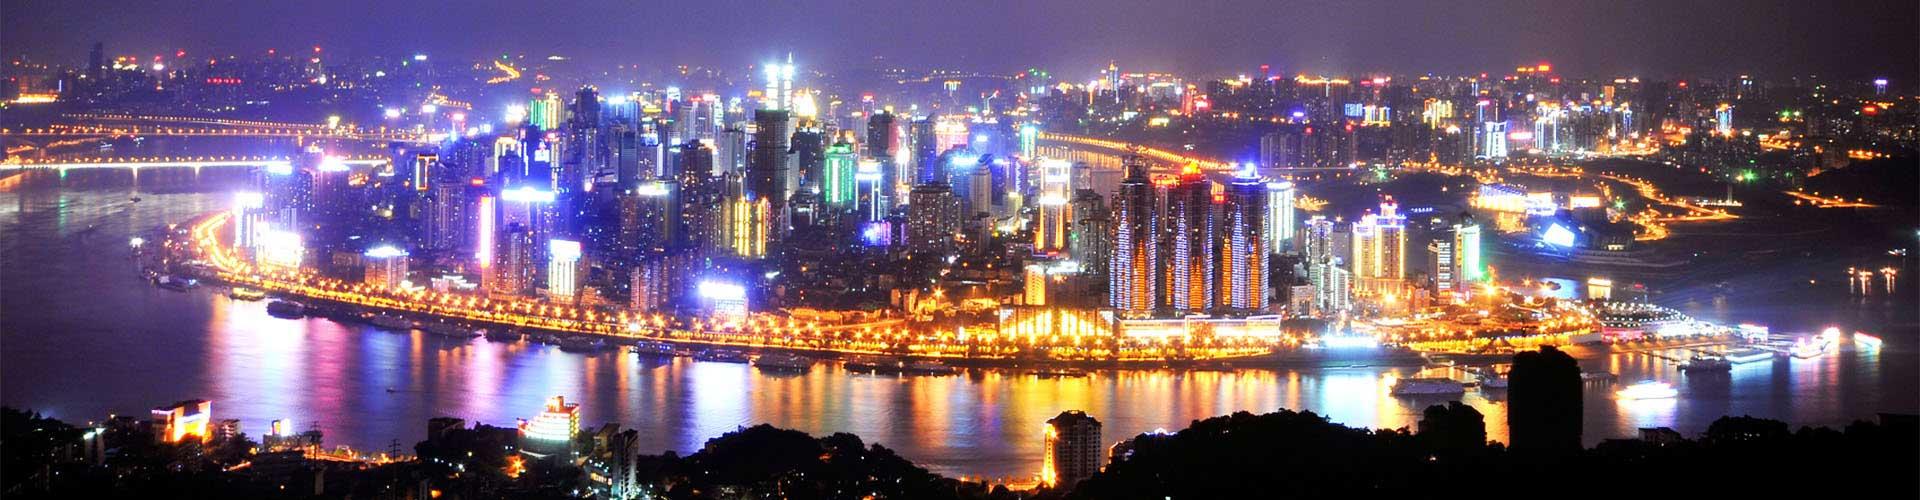 chongqing de noche